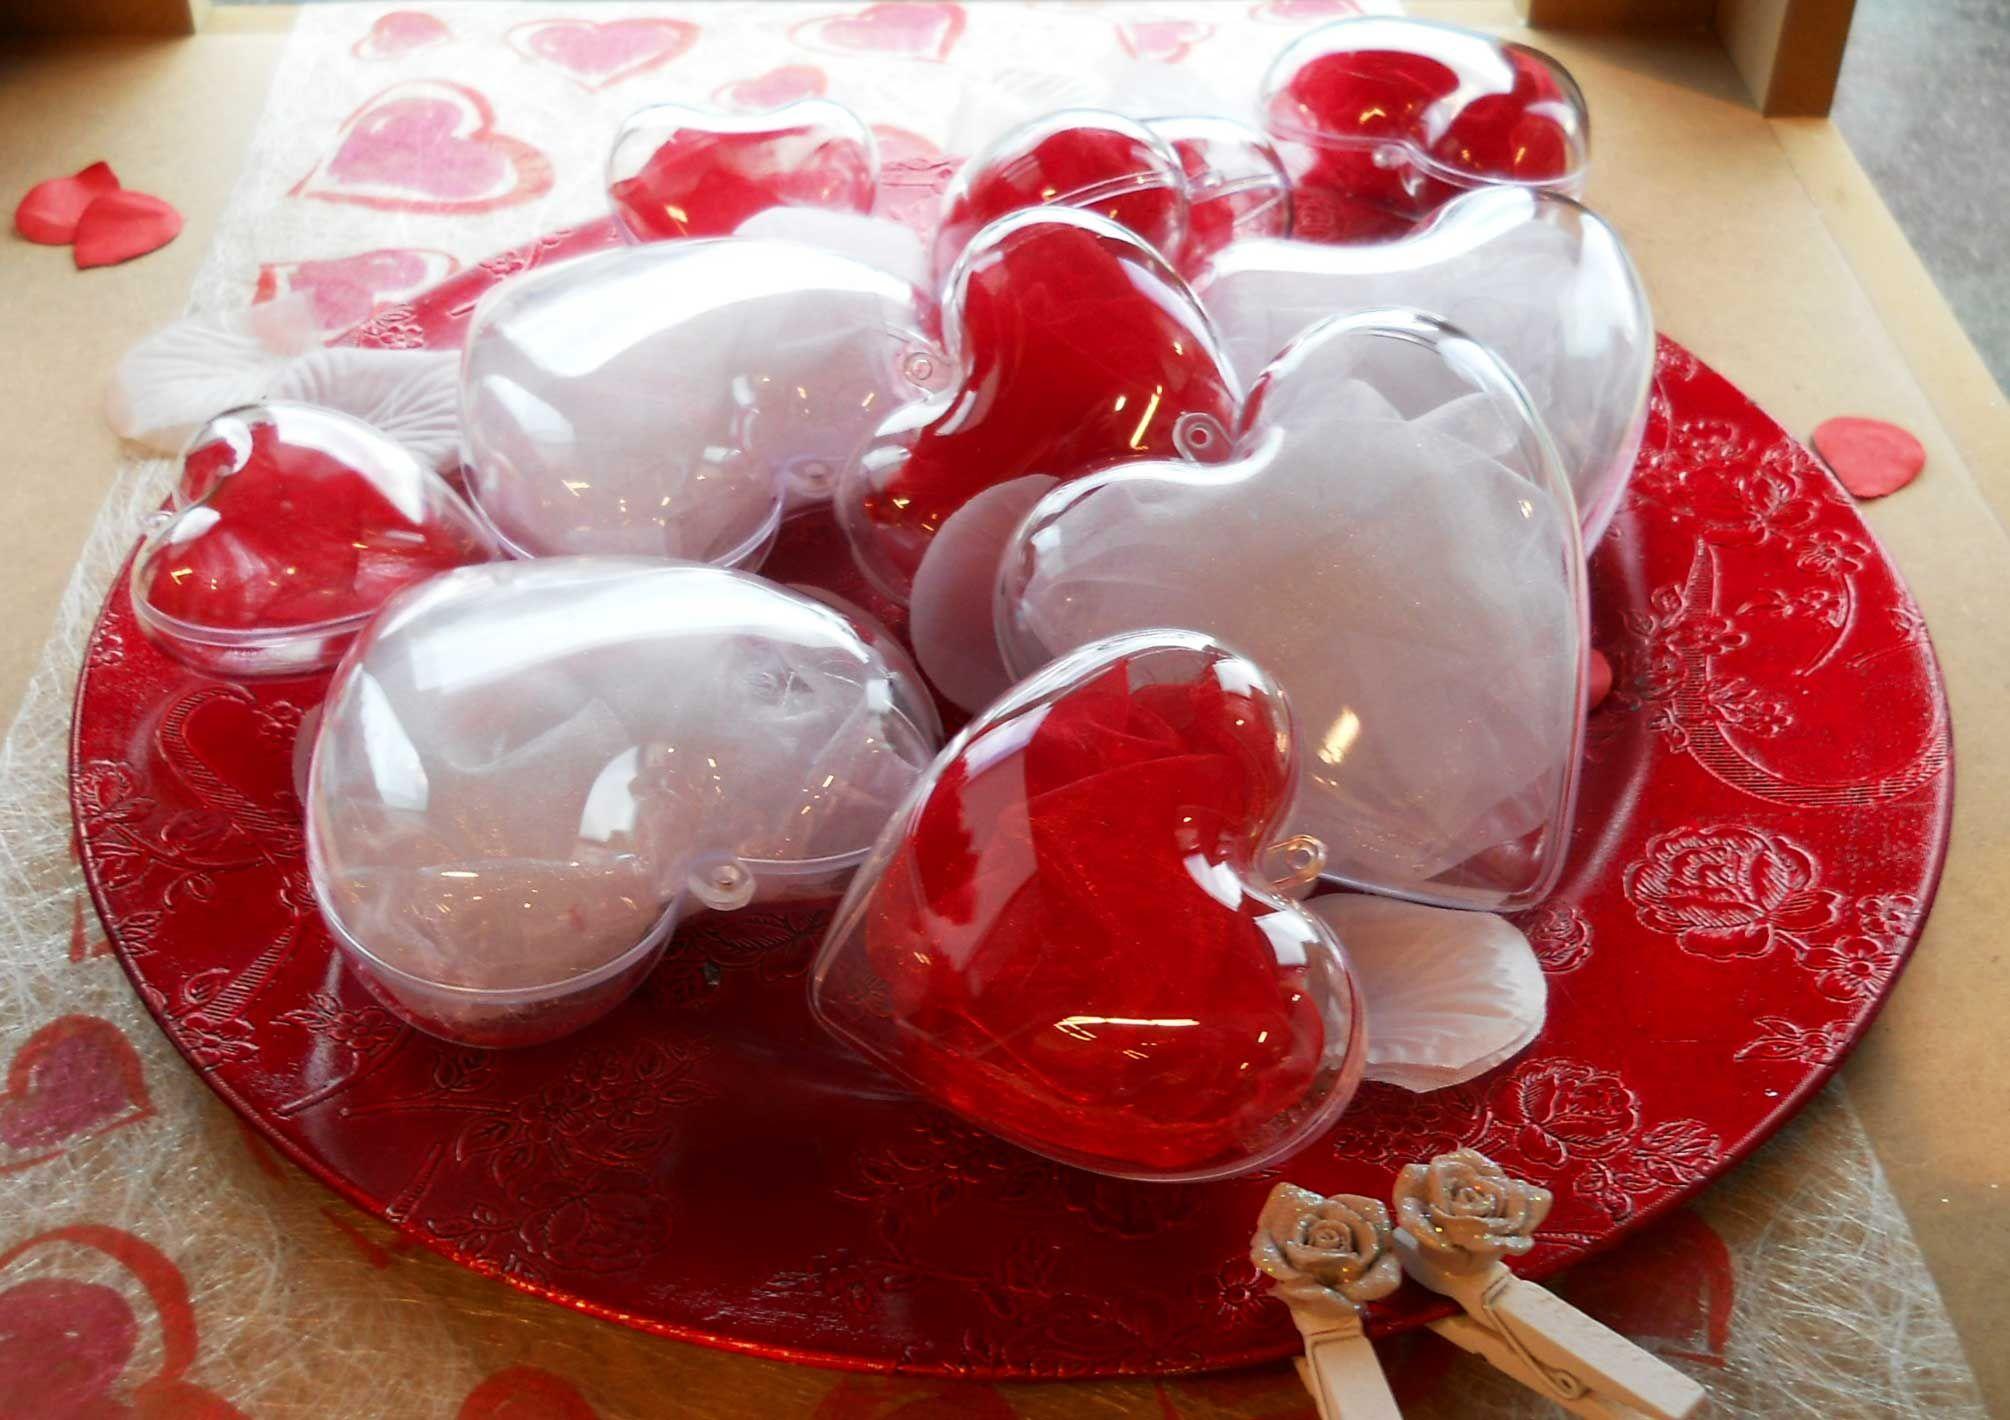 Ava Be Shop Online Valentijn Decoratie Valentijnideeen Decoratie